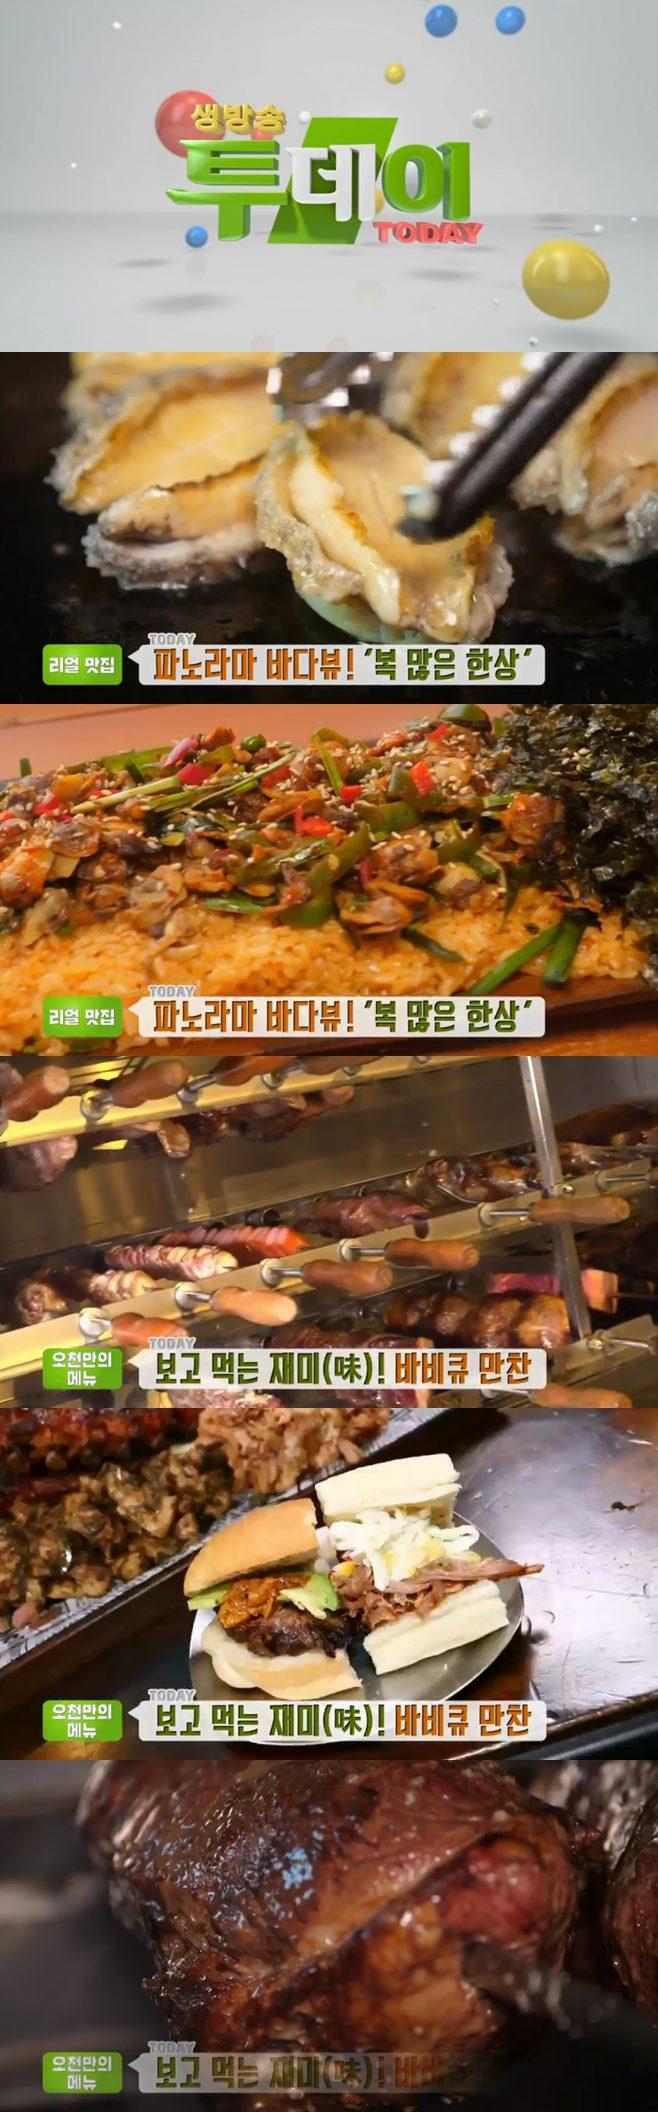 '생방송투데이' 슈하스코(감성바비큐)+텍사스데브라질+거제 전복톳밥정식(성포끝집) 맛집